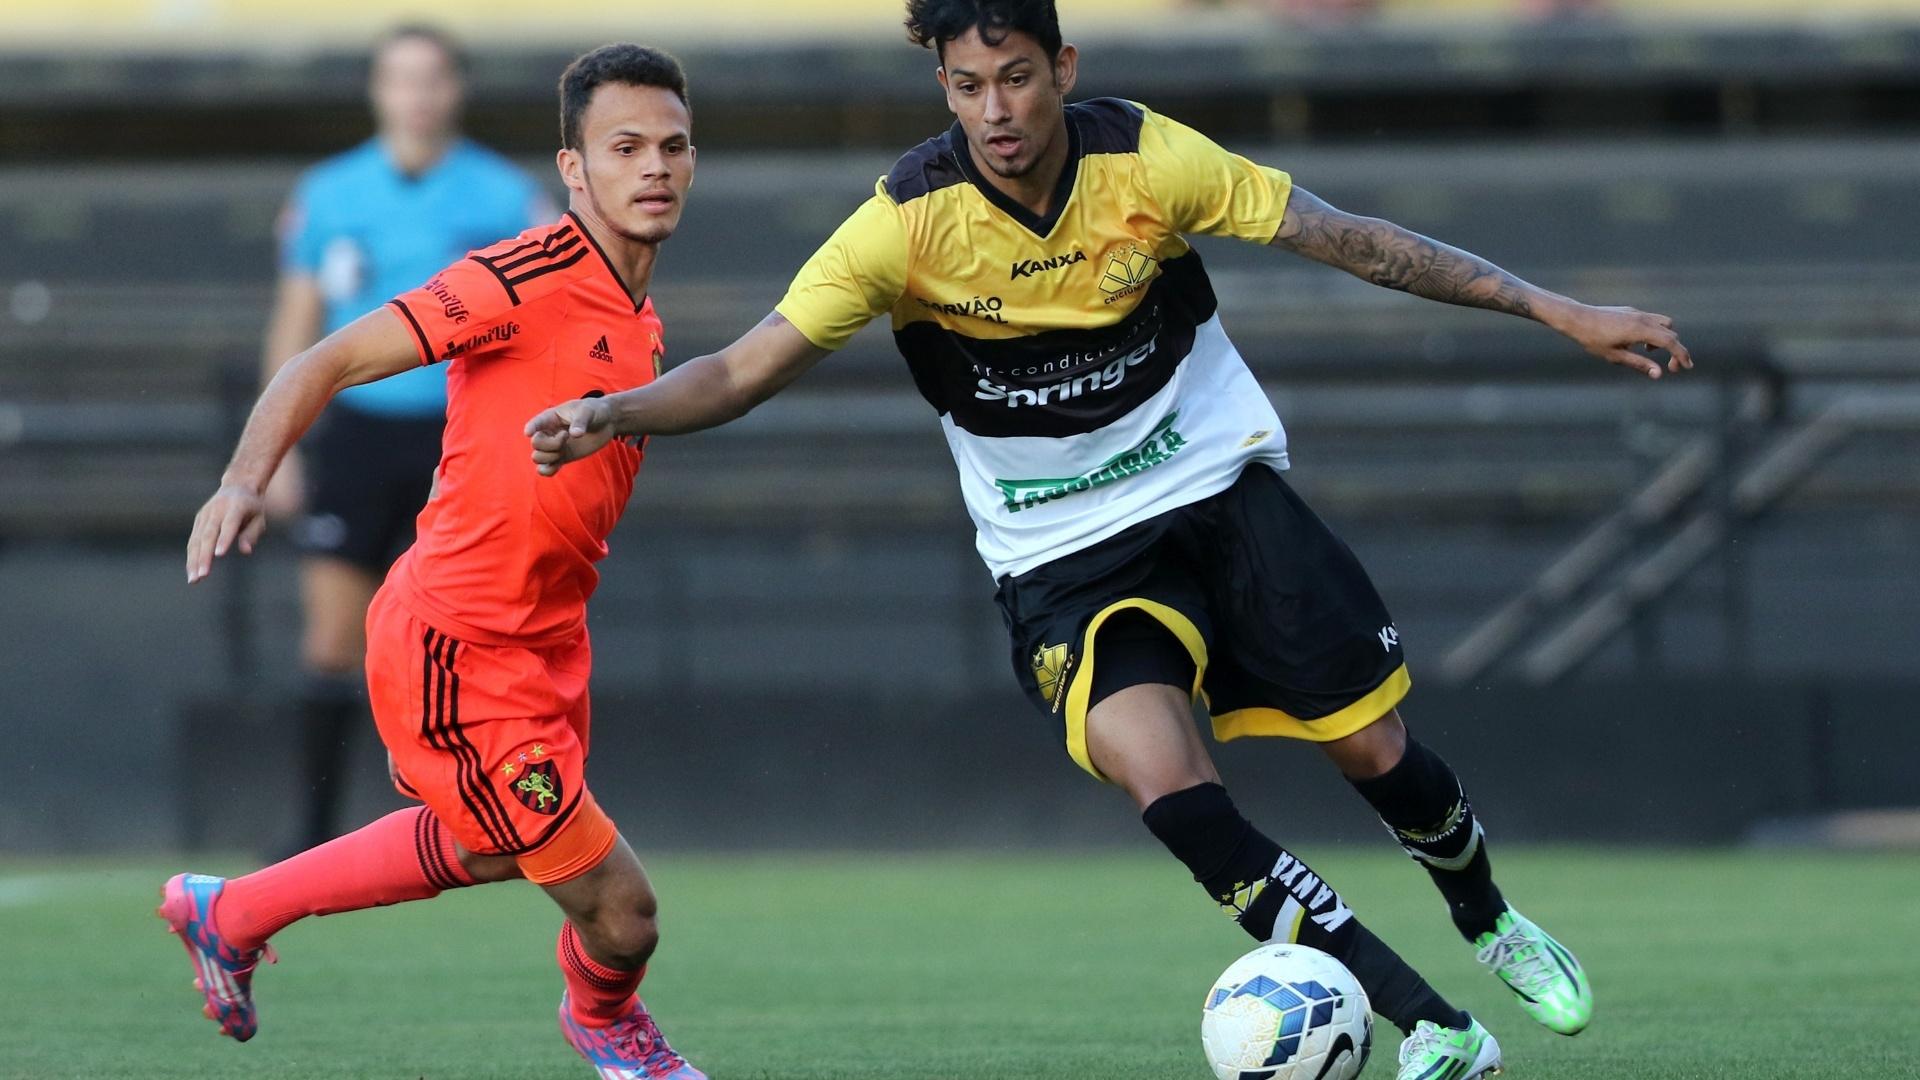 Observado por Renê, do Sport, Lucca arranca com a bola